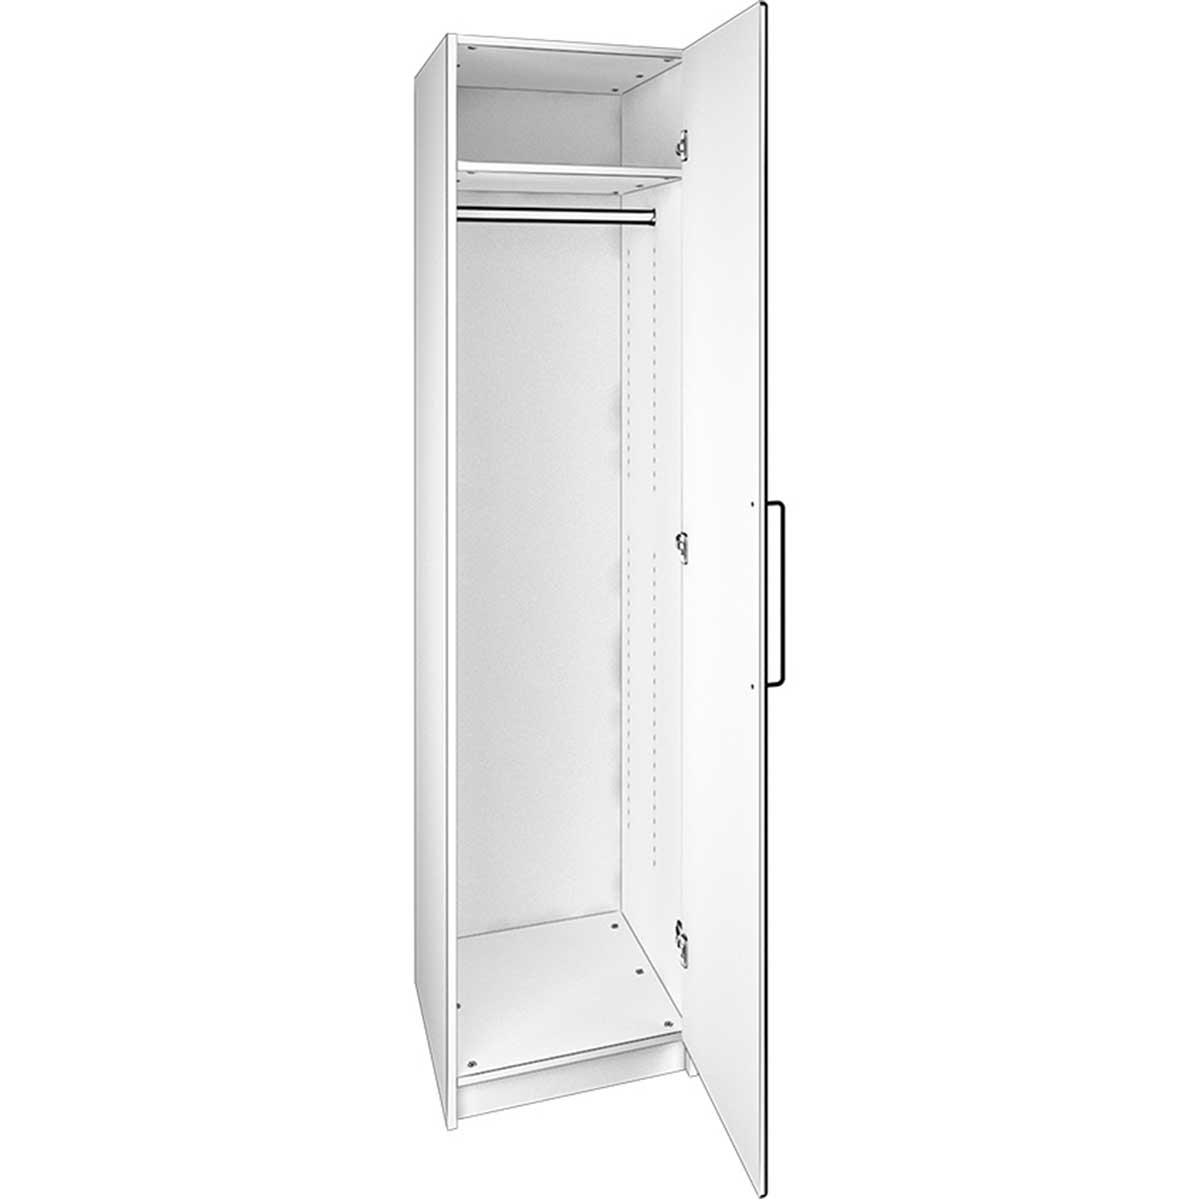 Køb Kaagaard Garderobeskab 1 lÃ¥ge 1052 52x190x62 hvid